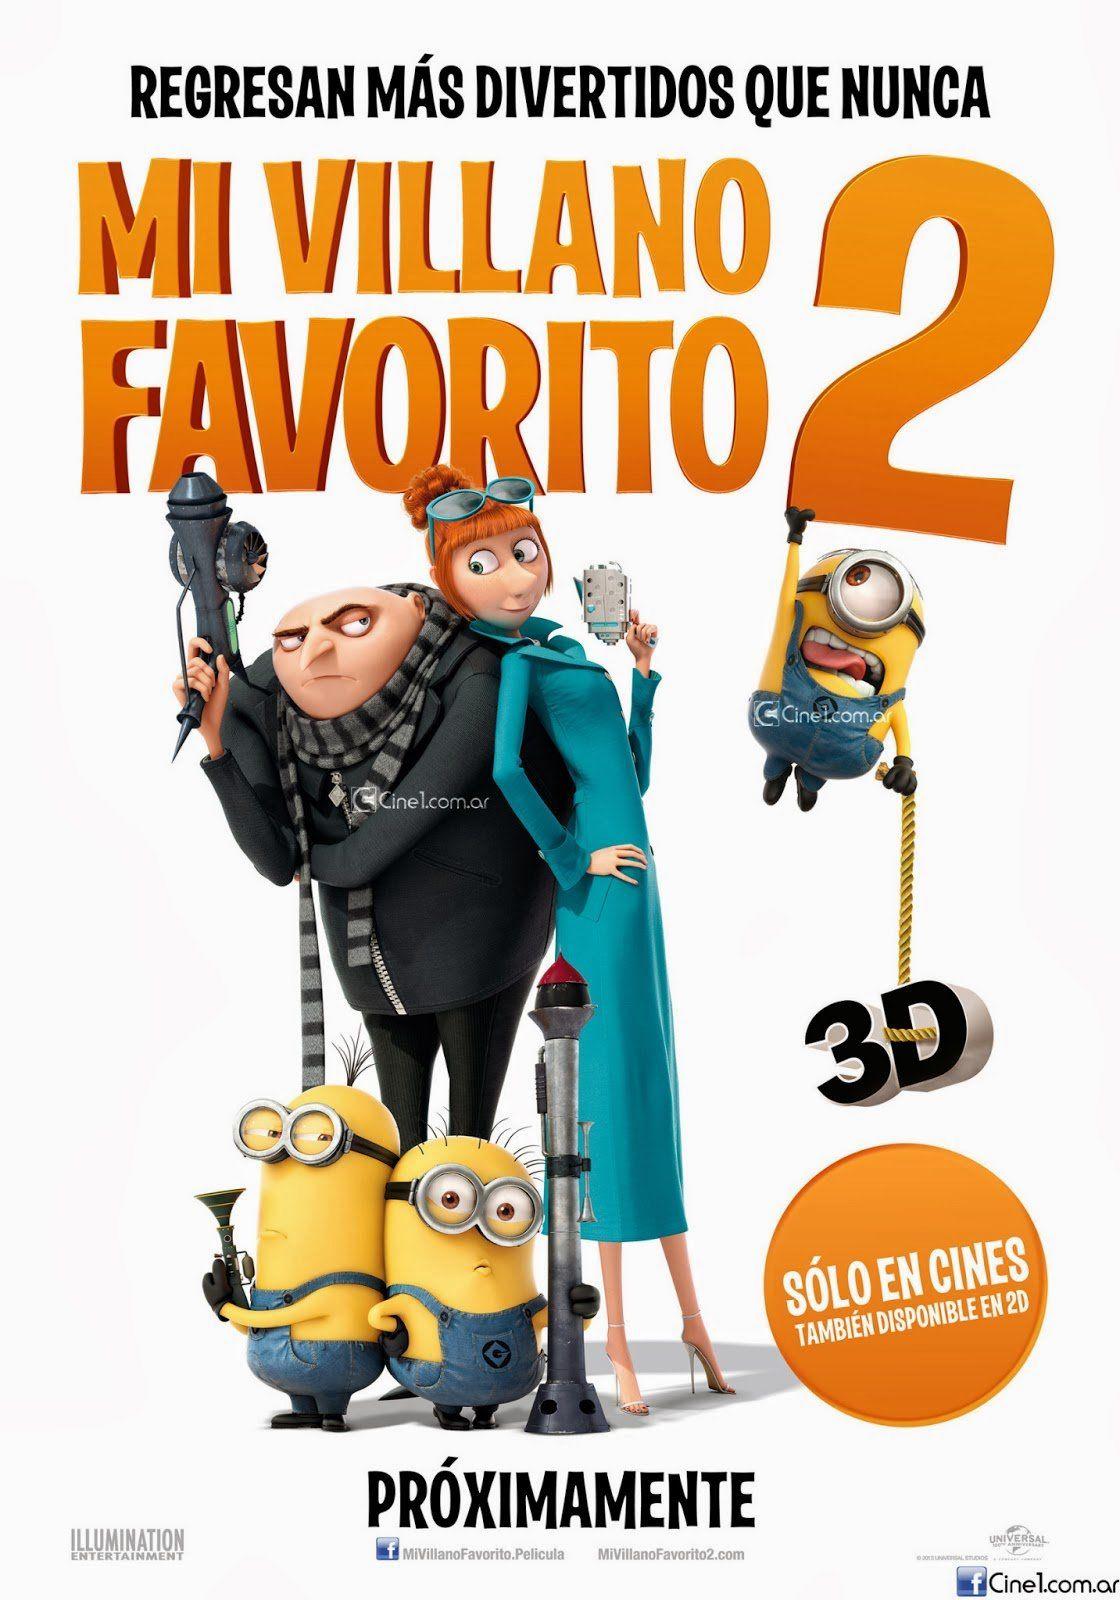 Ver Peliculas De Animacion En Linea Gratis Peliculas De Accion Online Ministry Of Sound Latino Comic Book Cover